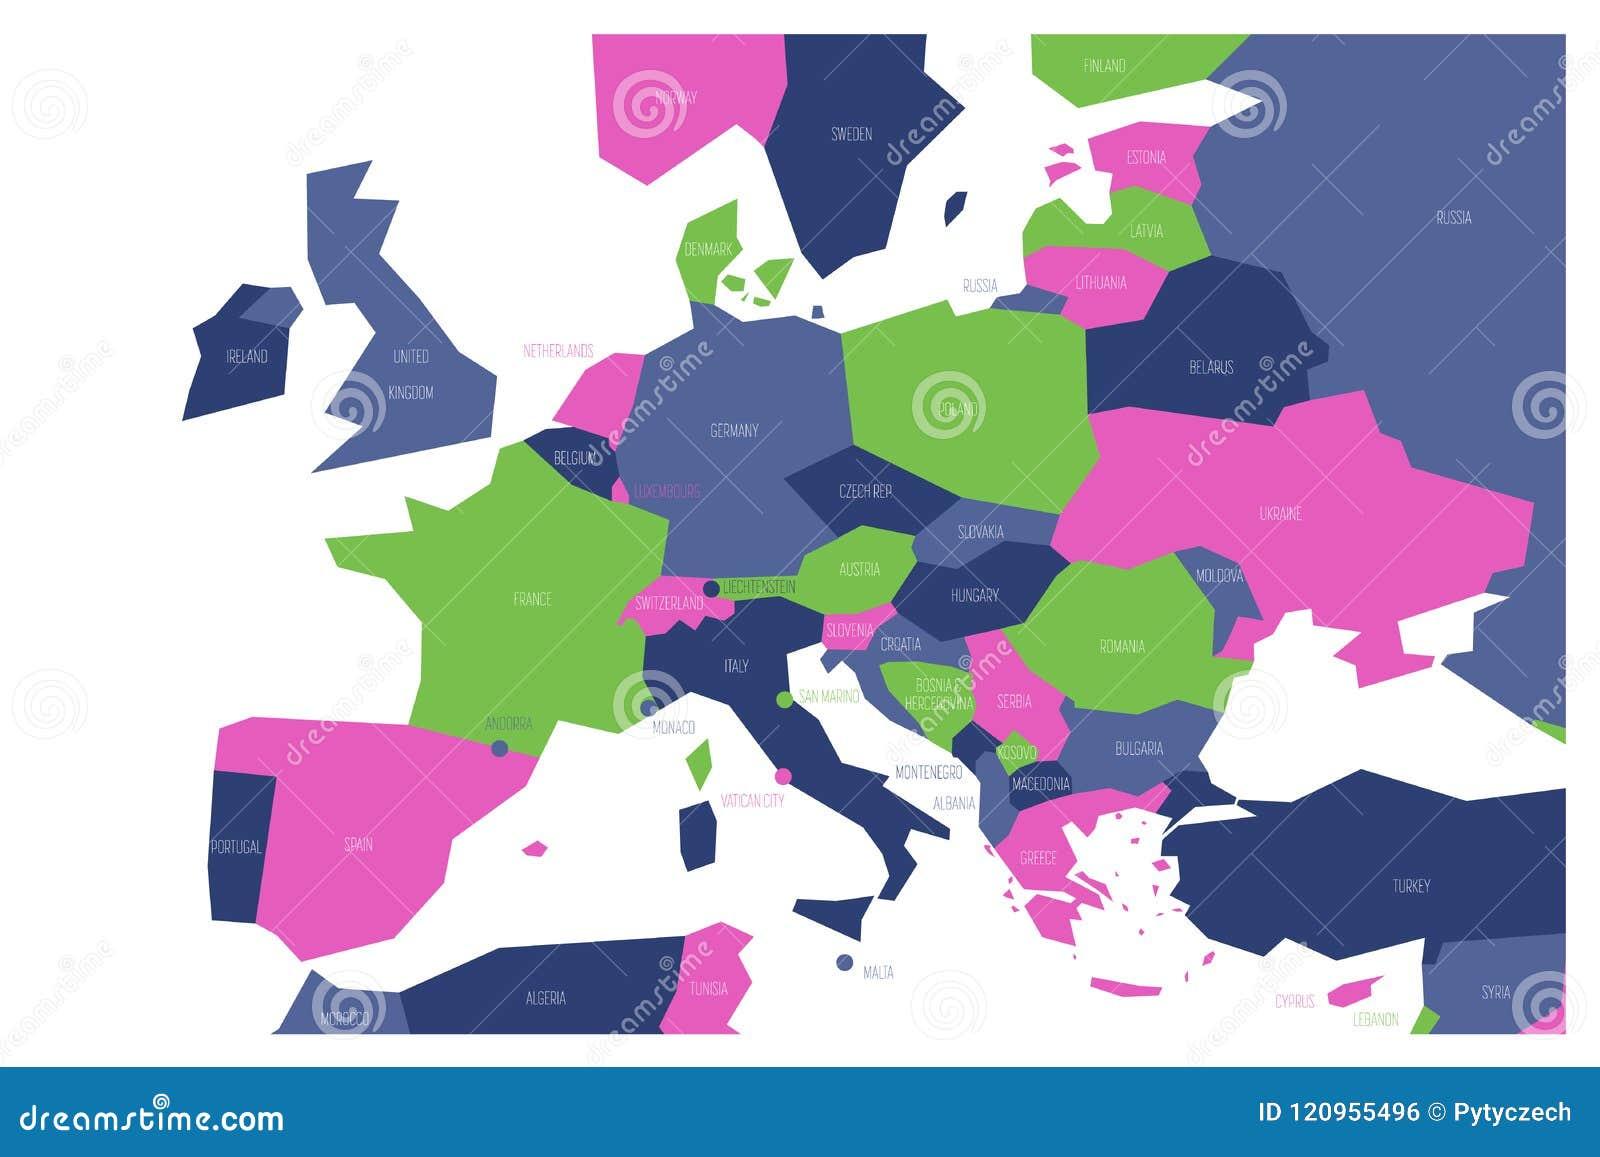 Europa Meridionale Cartina.Mappa Politica Della Centrale E Dell Europa Meridionale Mappa Schematica Di Vettore Di Simlified Nelle Combinazioni Colori Quattr Illustrazione Vettoriale Illustrazione Di Centrale Disegno 120955496